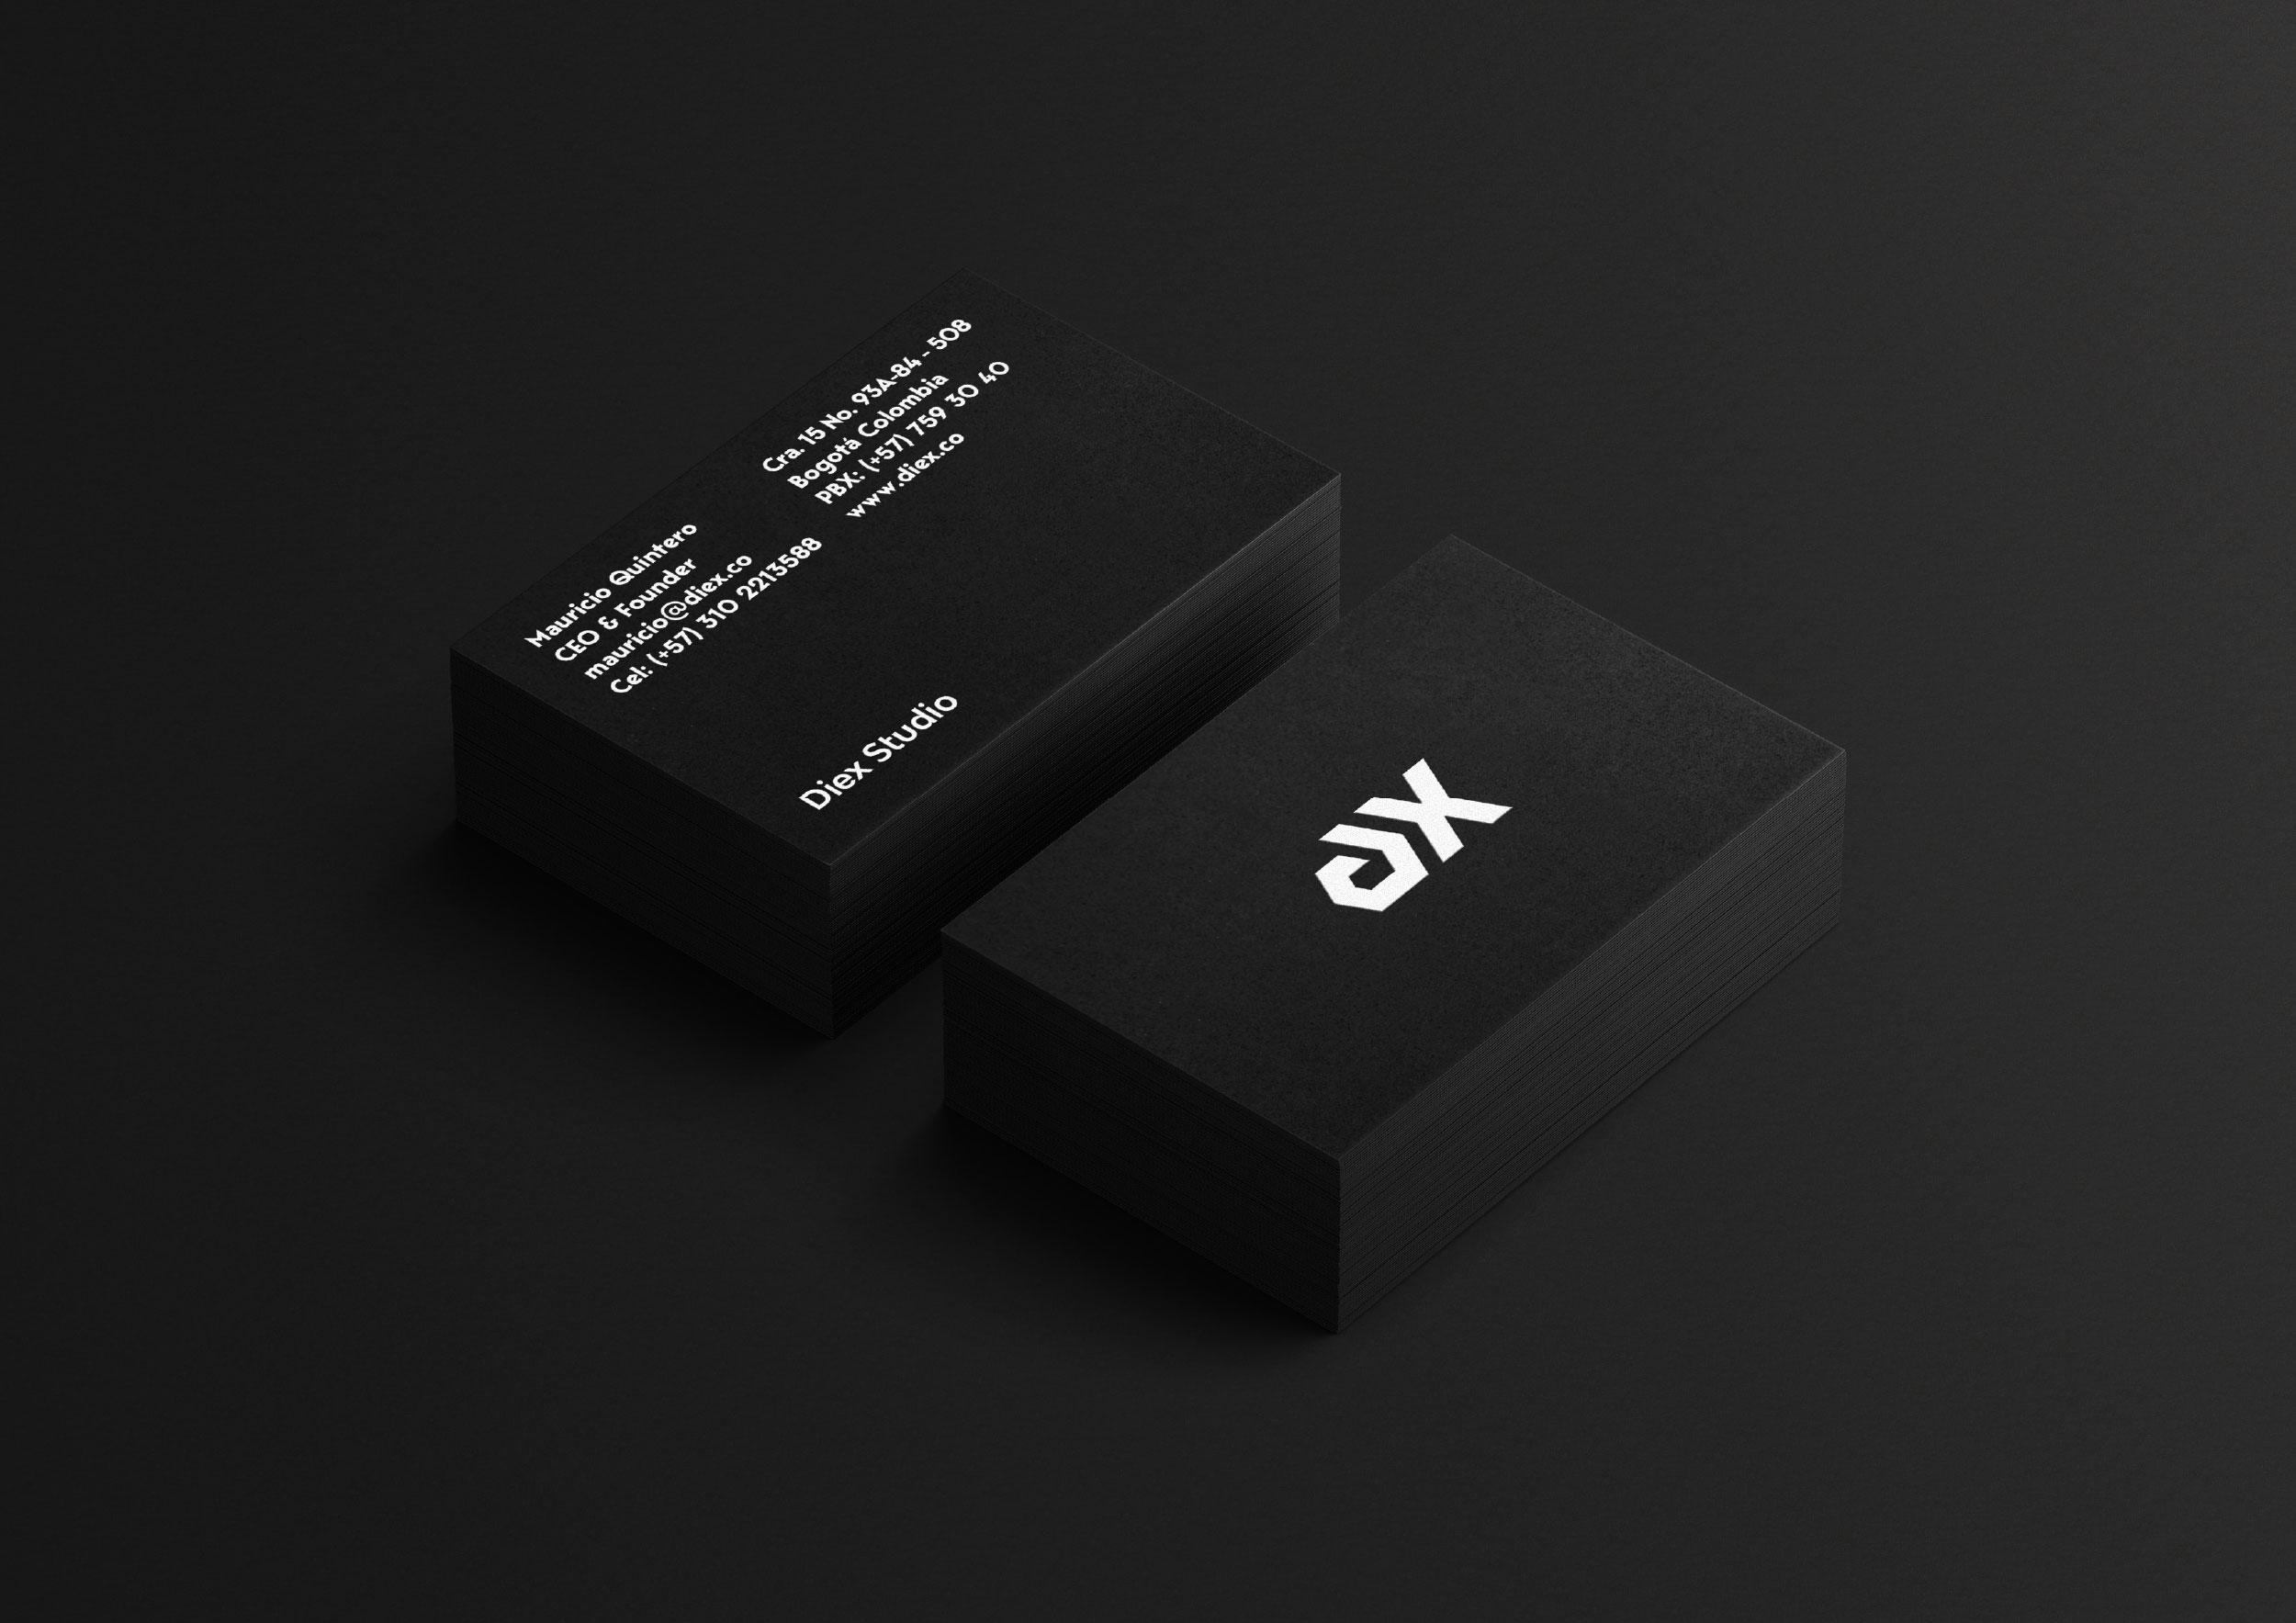 5-diex-studio